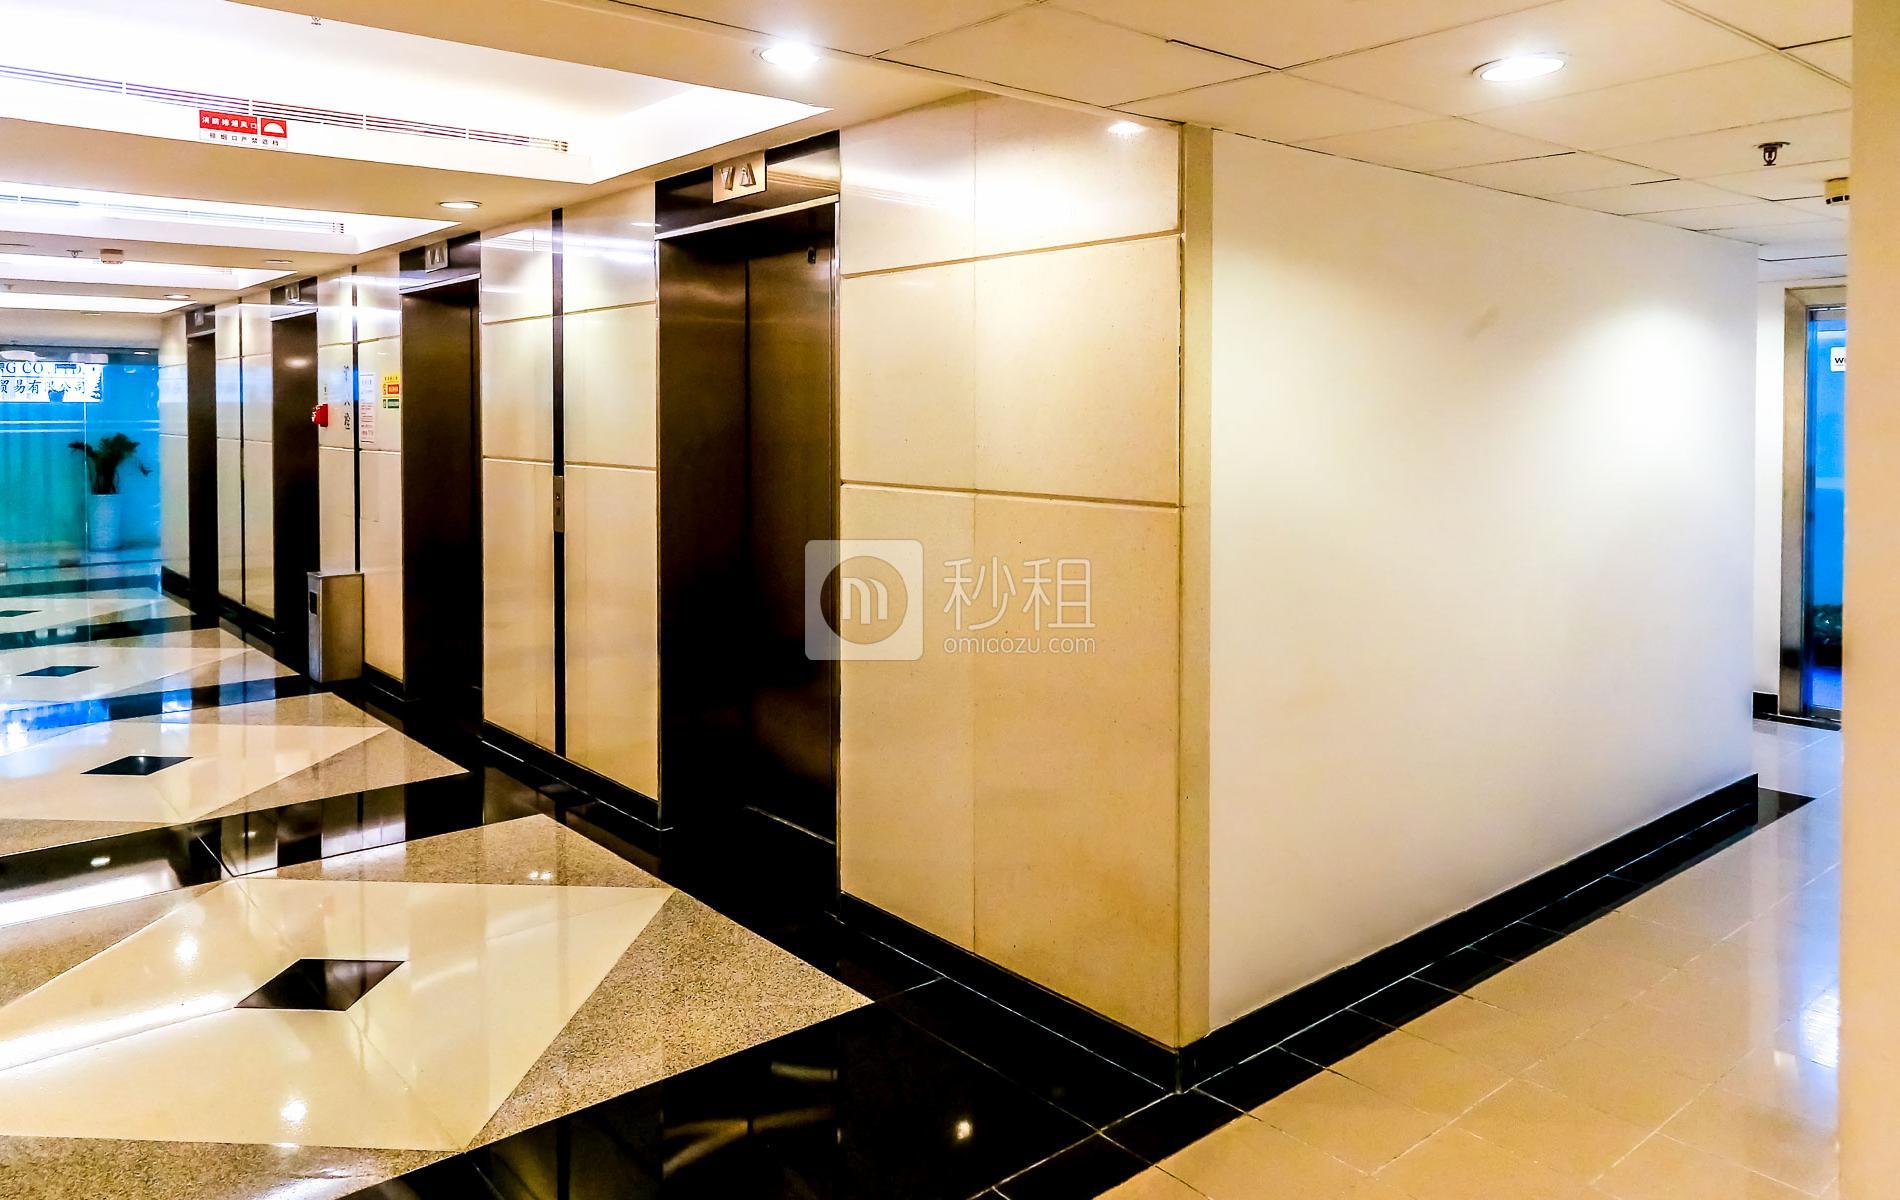 嘉里中心写字楼出租/招租/租赁,嘉里中心办公室出租/招租/租赁